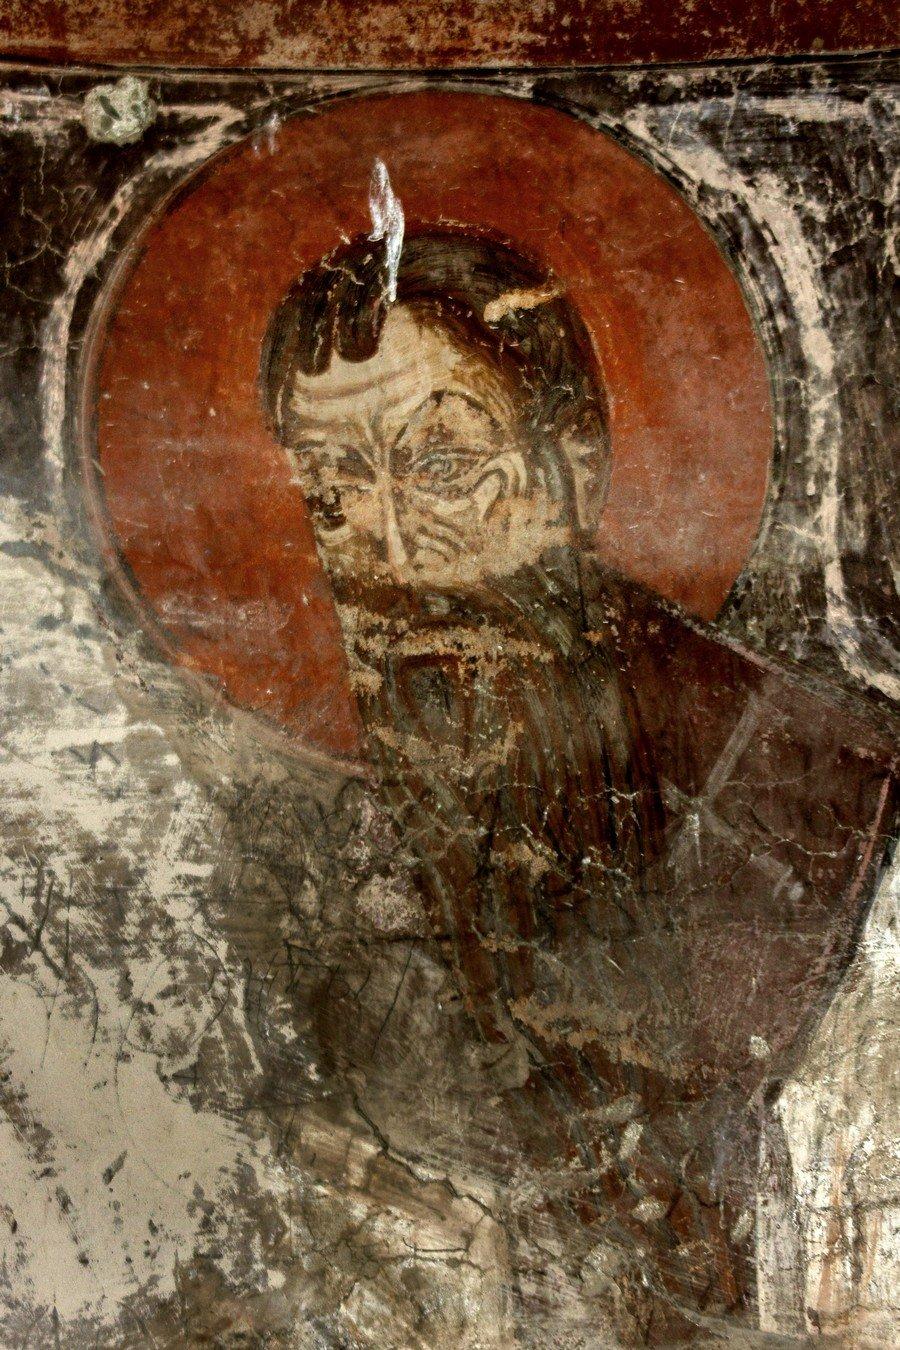 Святитель Василий Великий (?). Фреска монастыря Шиомгвиме (Шио-Мгвимского монастыря), Грузия.